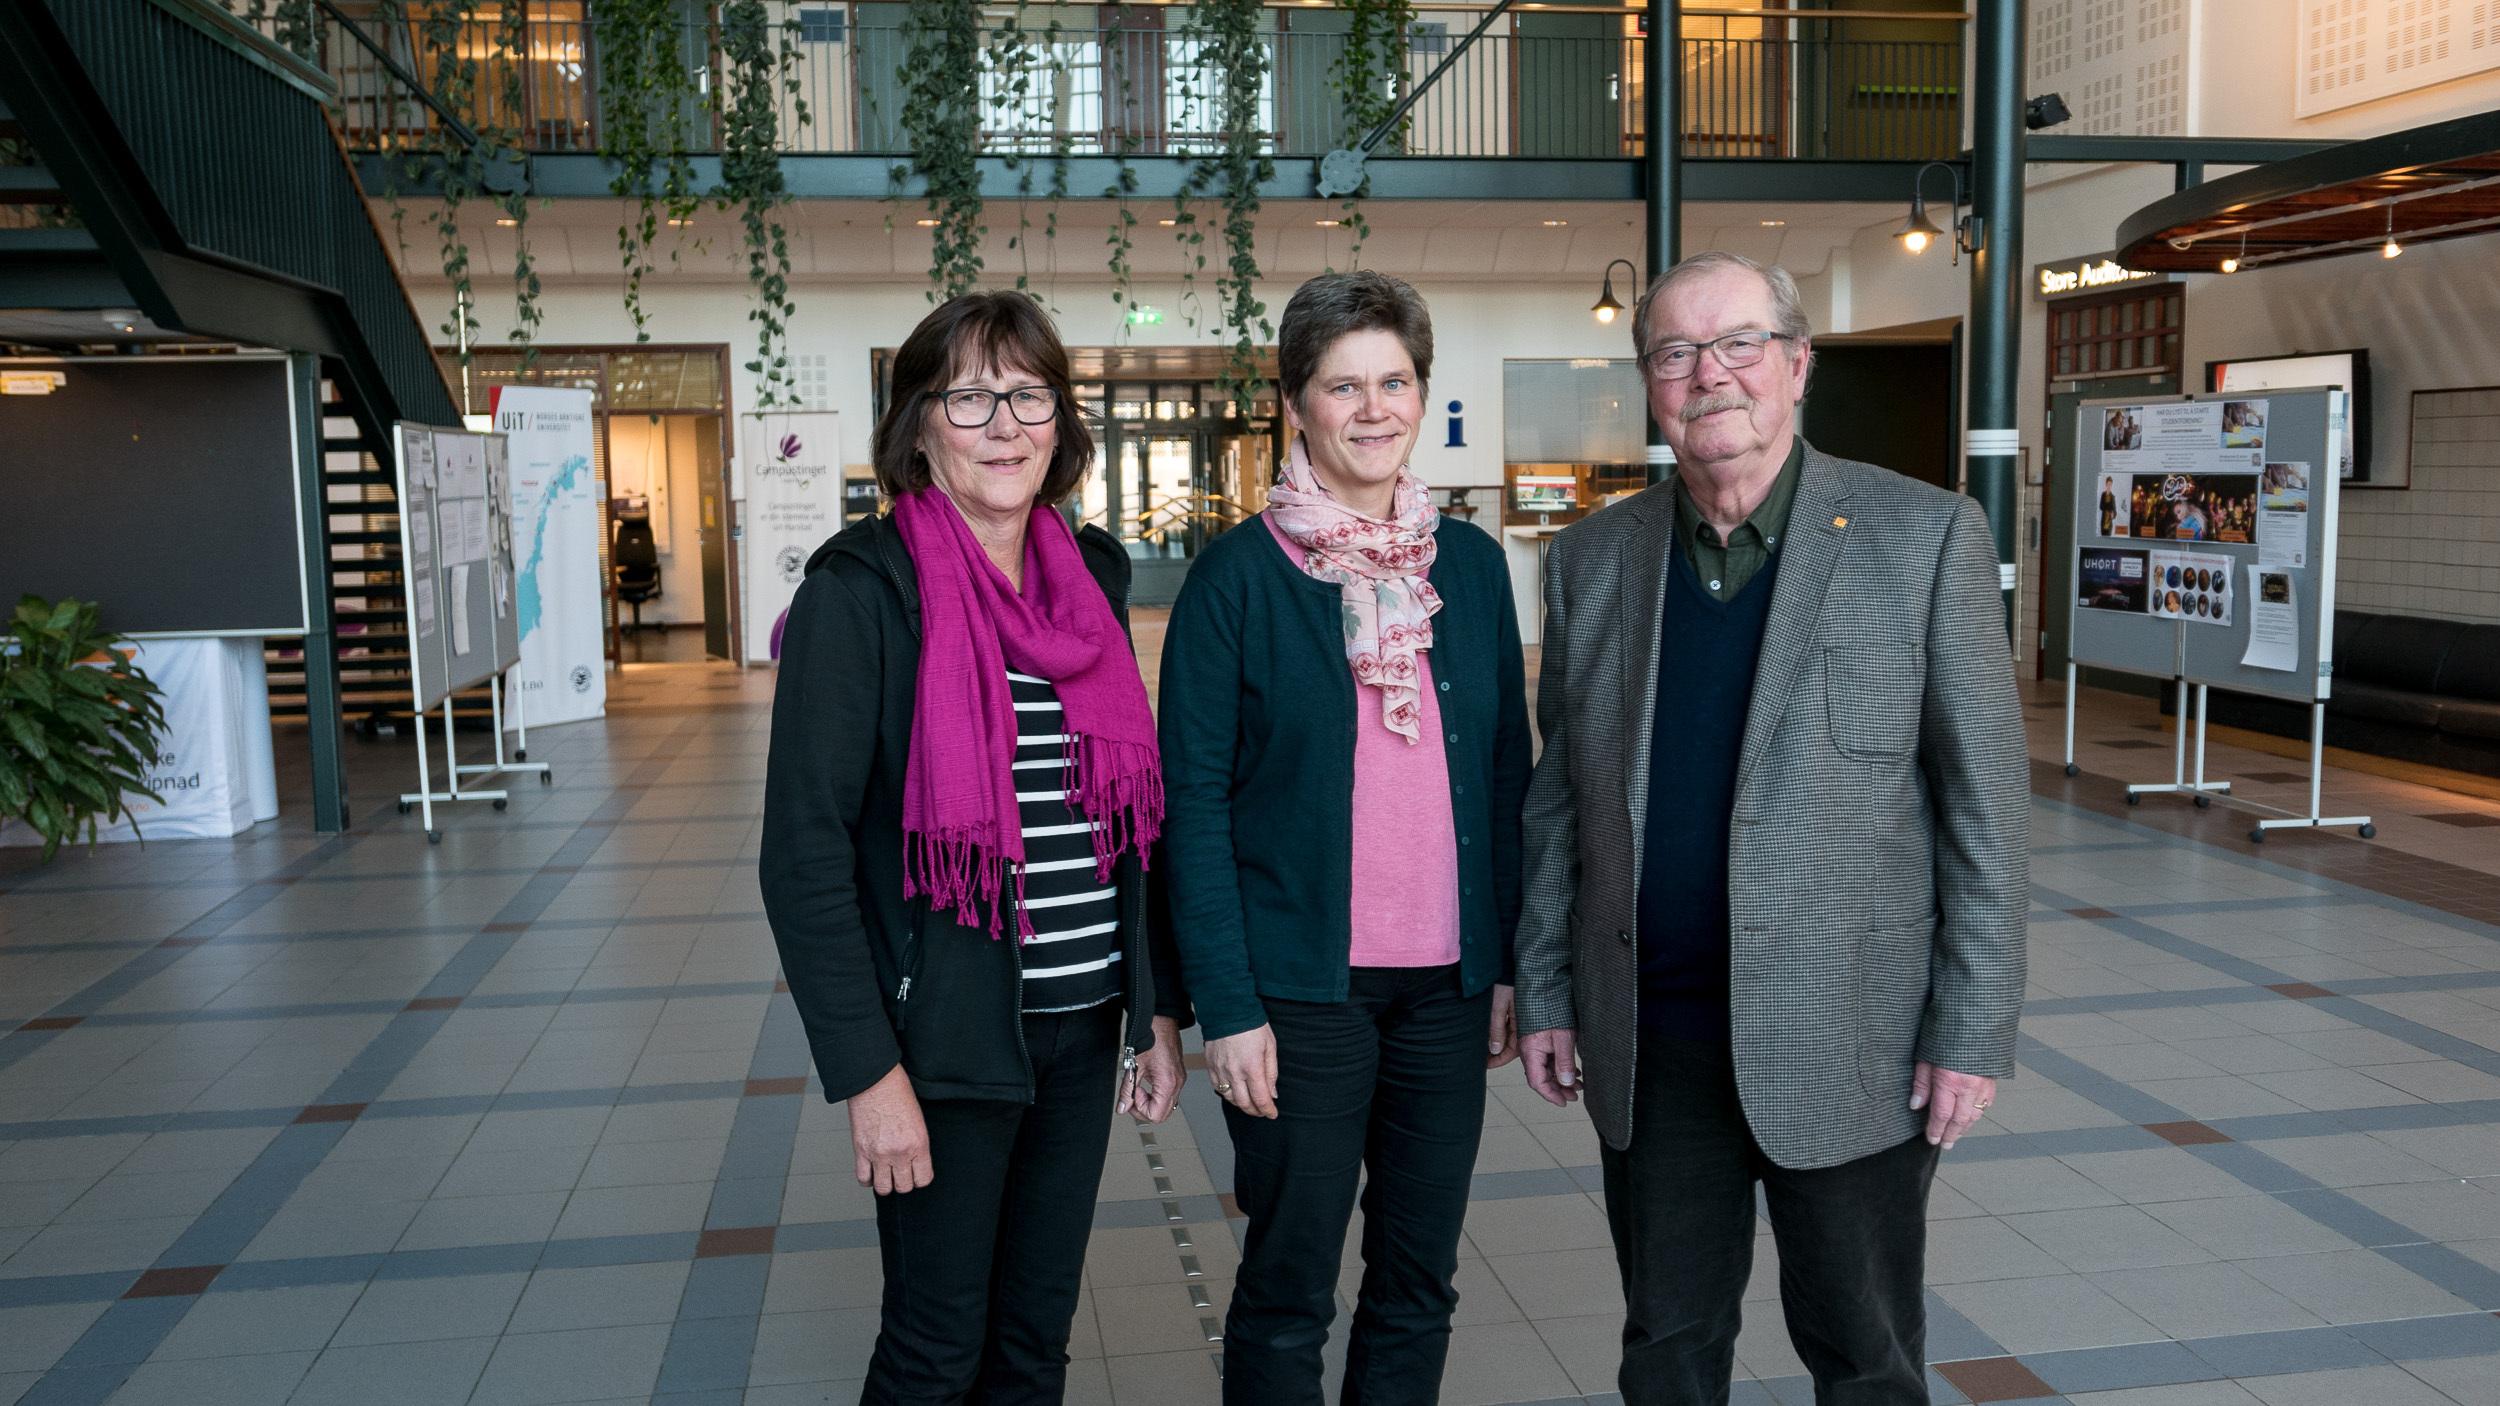 Henny Kinn (UiT), Marit Kristiansen og Ivar Østberg (eldrerådet) jobber for et mer demensvennlig samfunn. Foto: Øivind ARvola